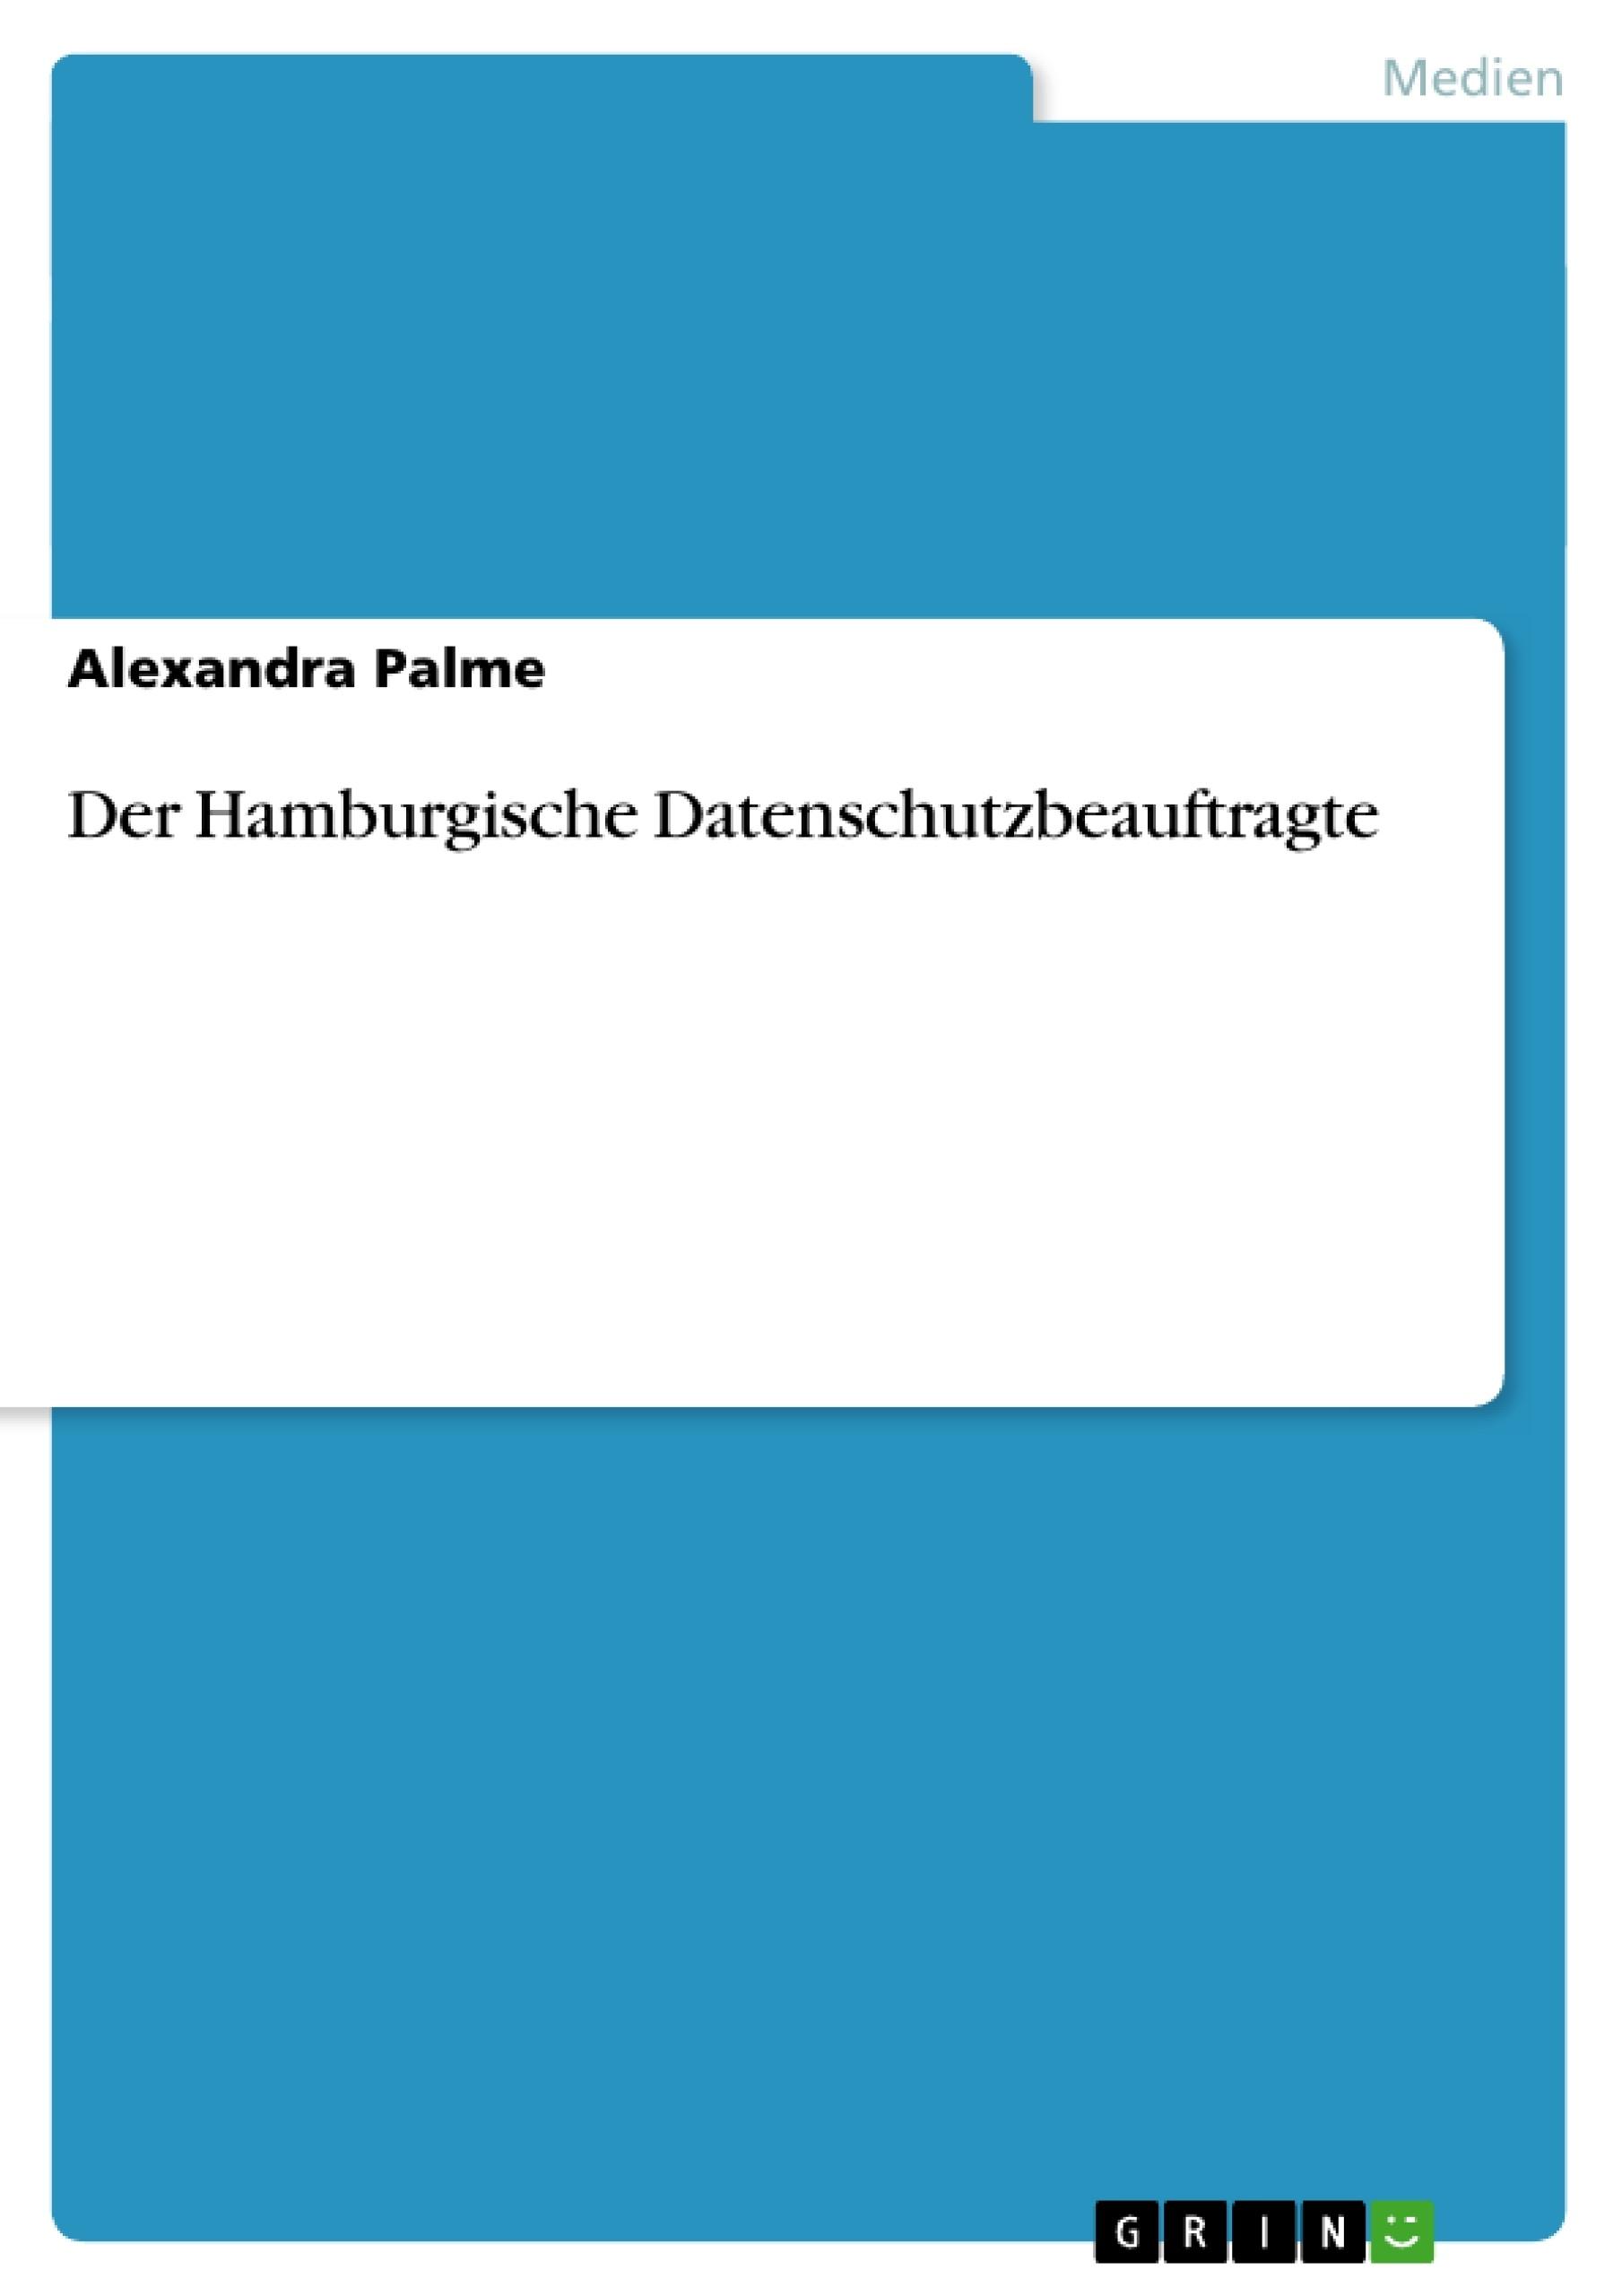 Titel: Der Hamburgische Datenschutzbeauftragte